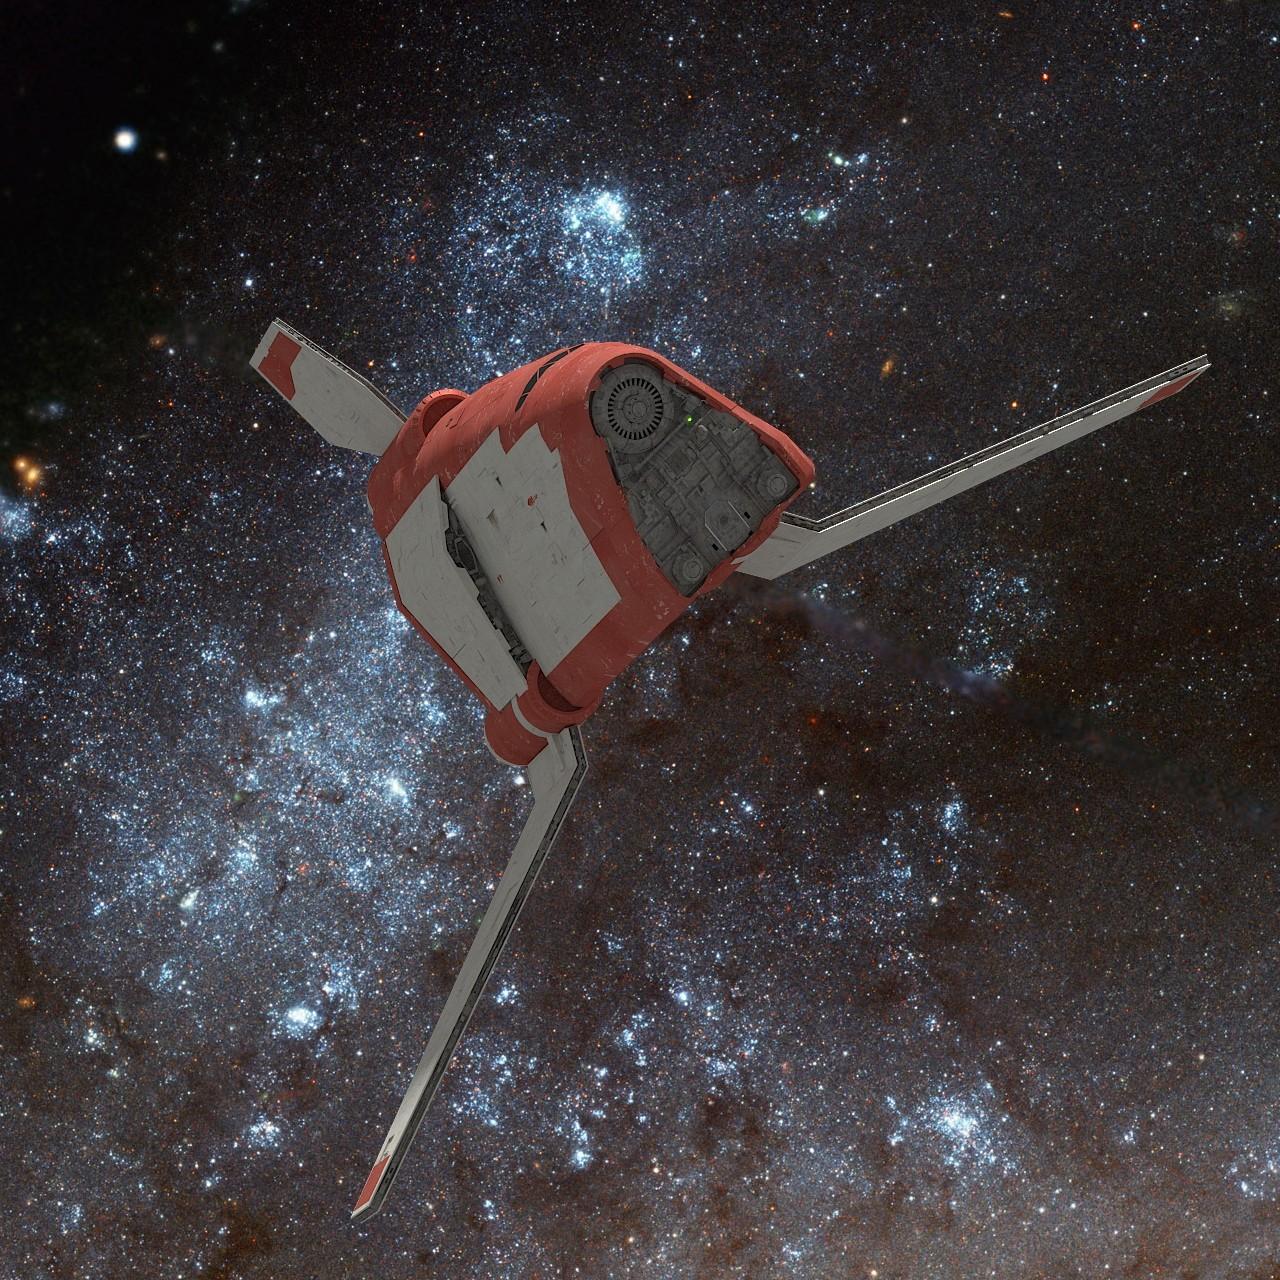 spacefreighter.jpg